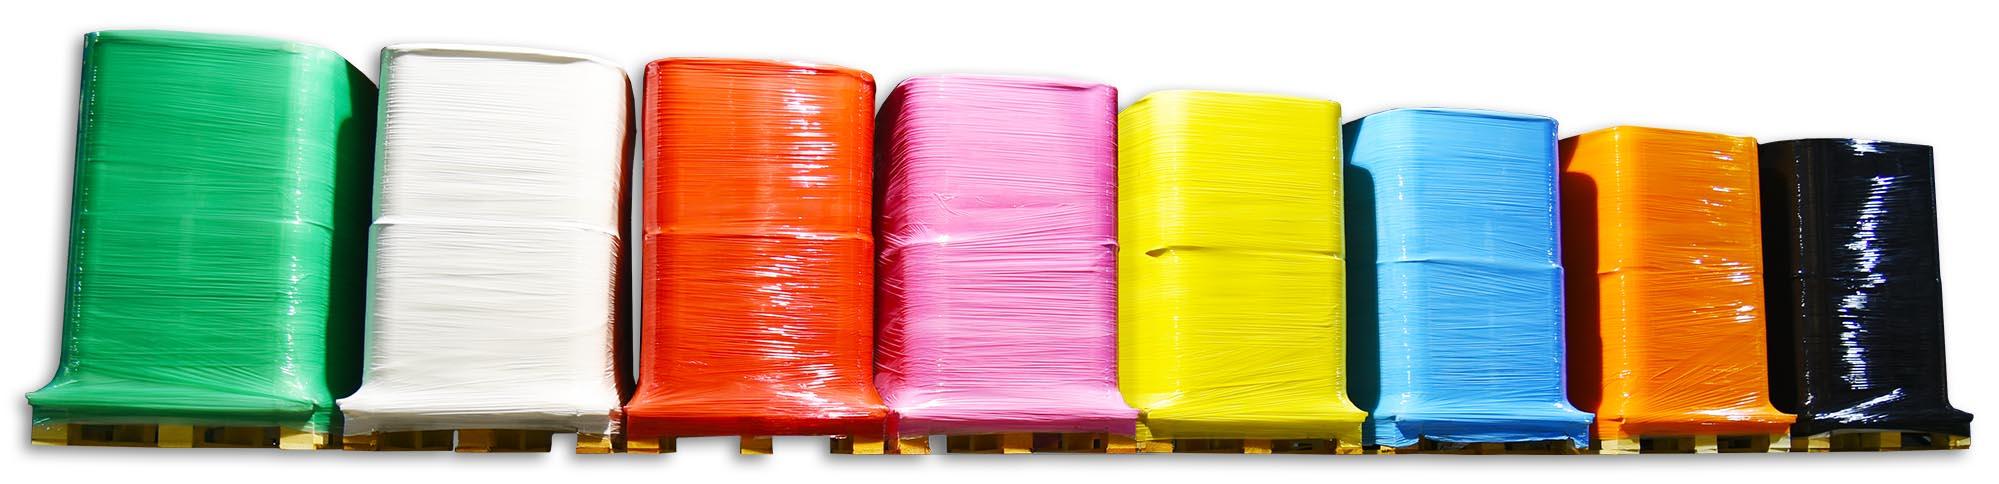 Xtreme 25 Identi-Film Coloured Pallet Wrap